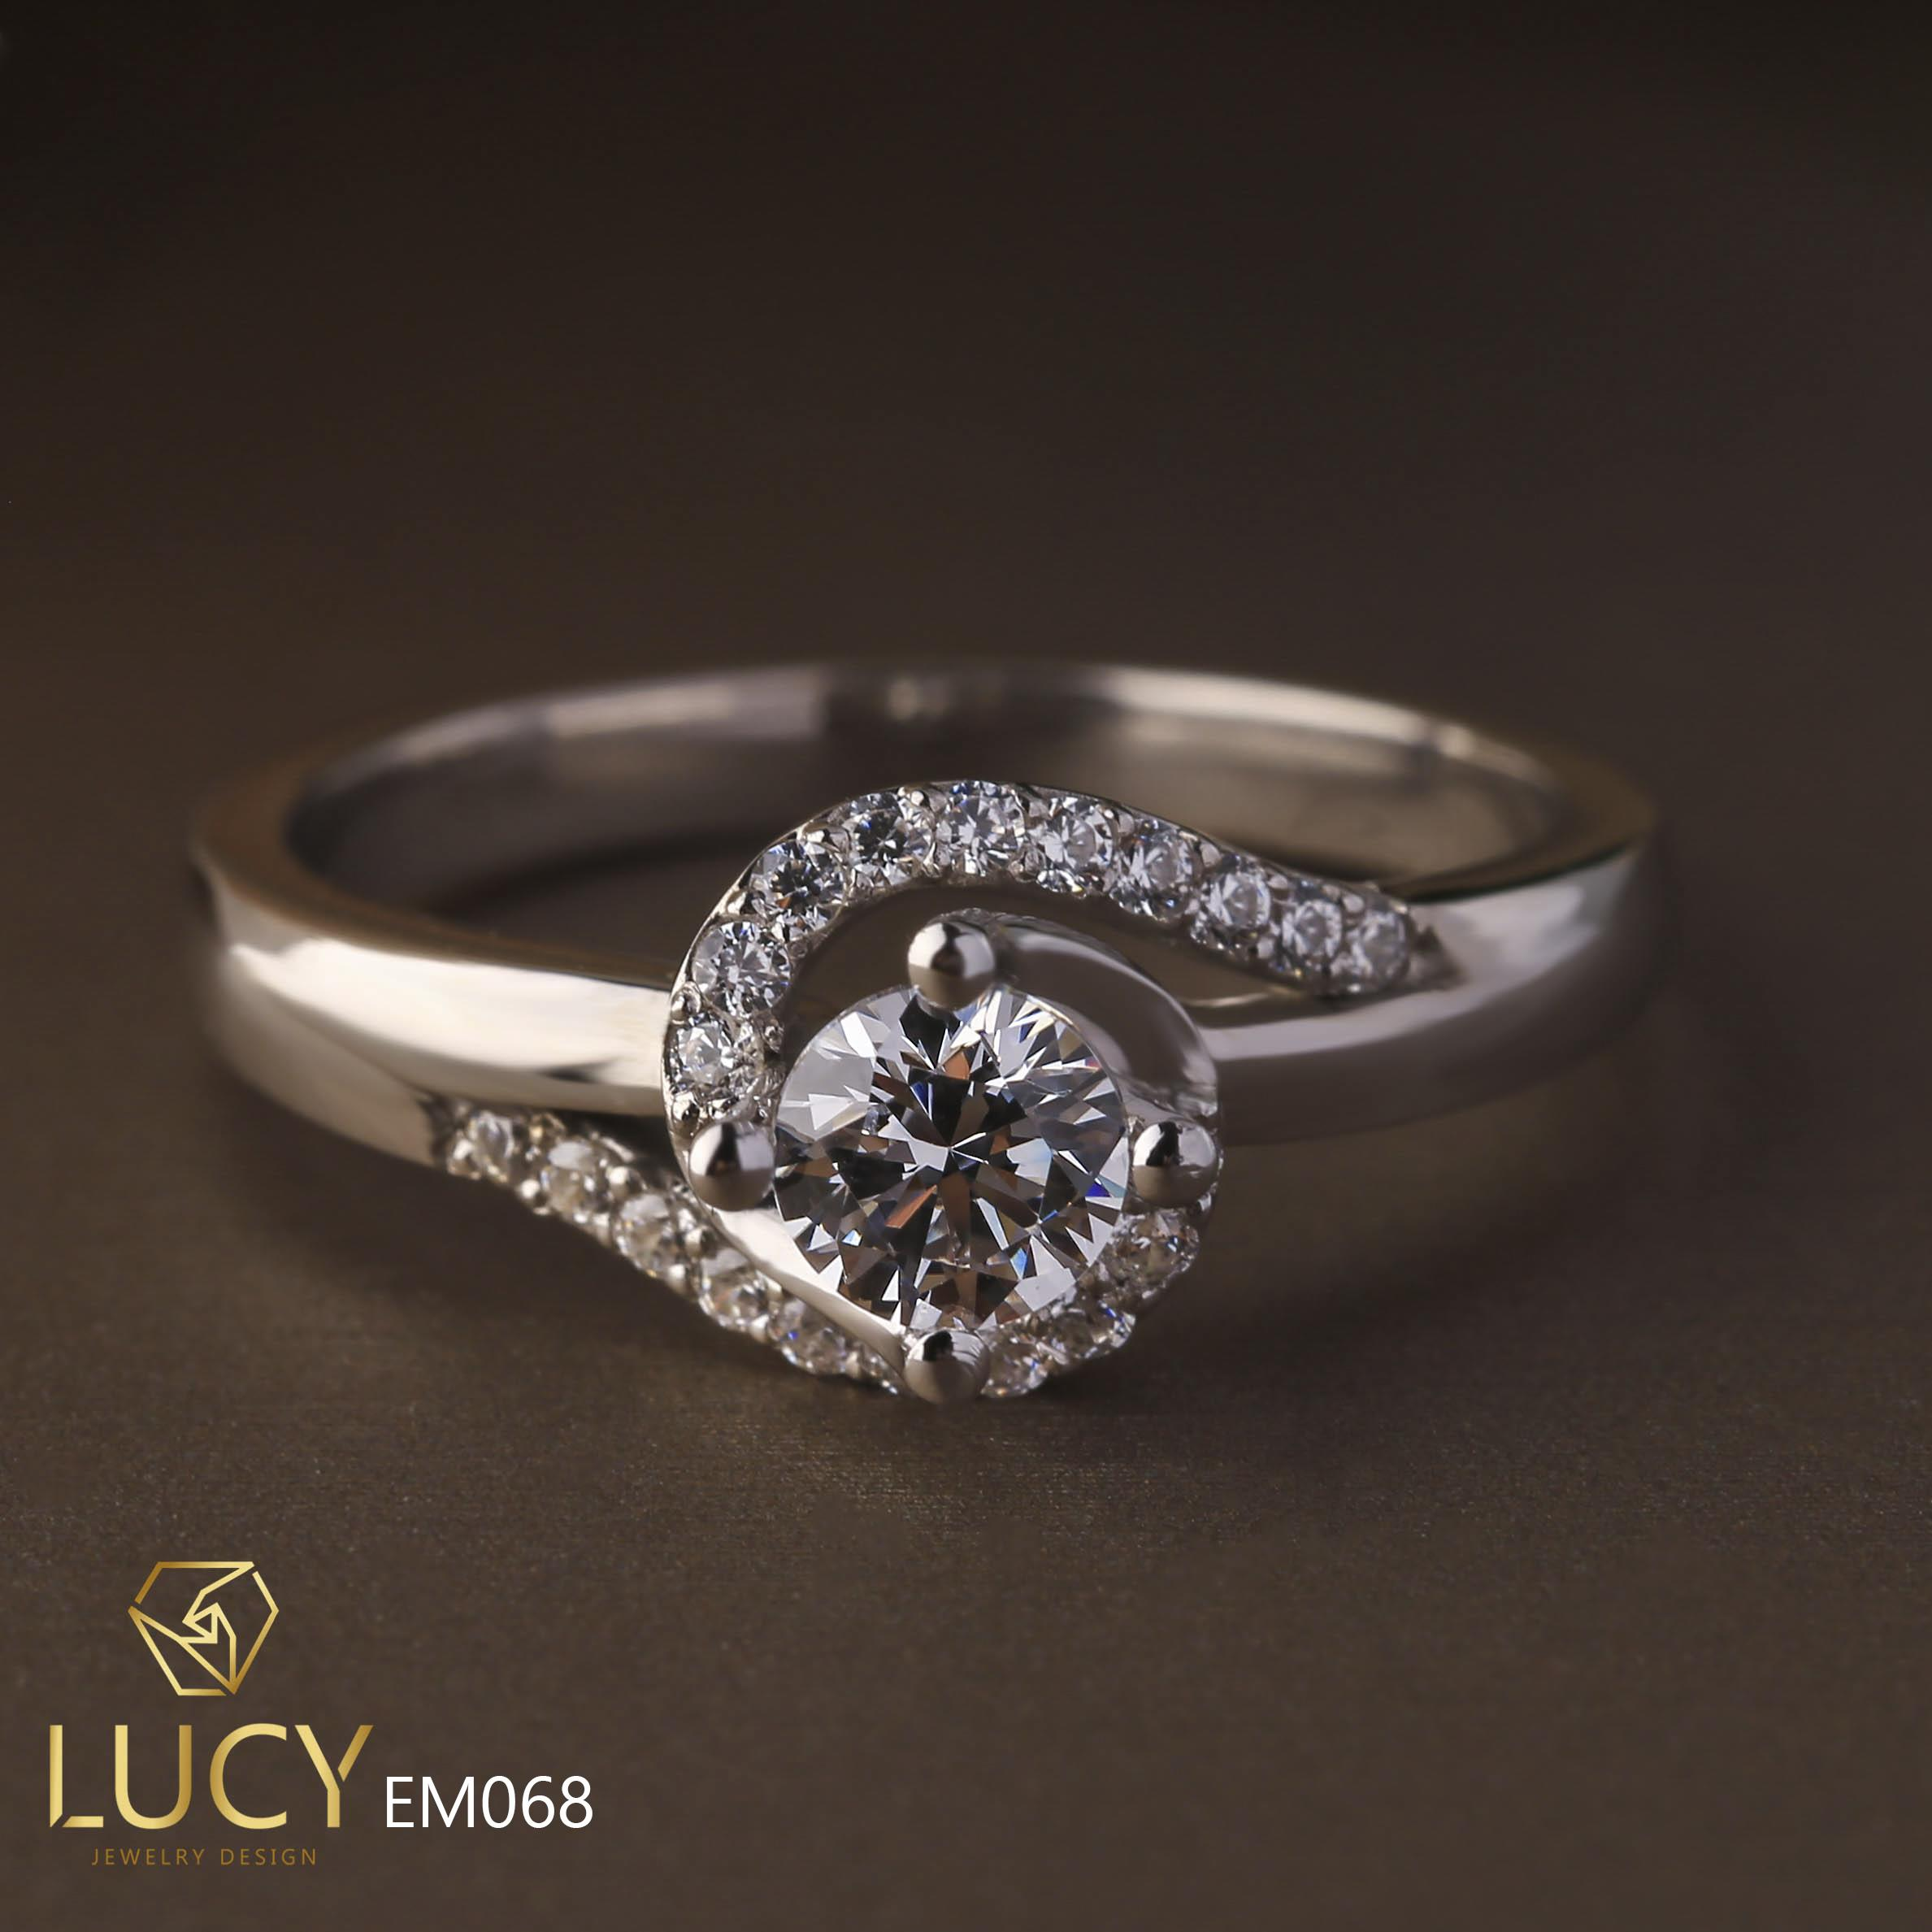 EM068 Nhẫn nữ vàng, nhẫn ổ kim cương 4.5mm, nhẫn nữ thiết kế, nhẫn cầu hôn, nhẫn đính hôn - Lucy Jewelry